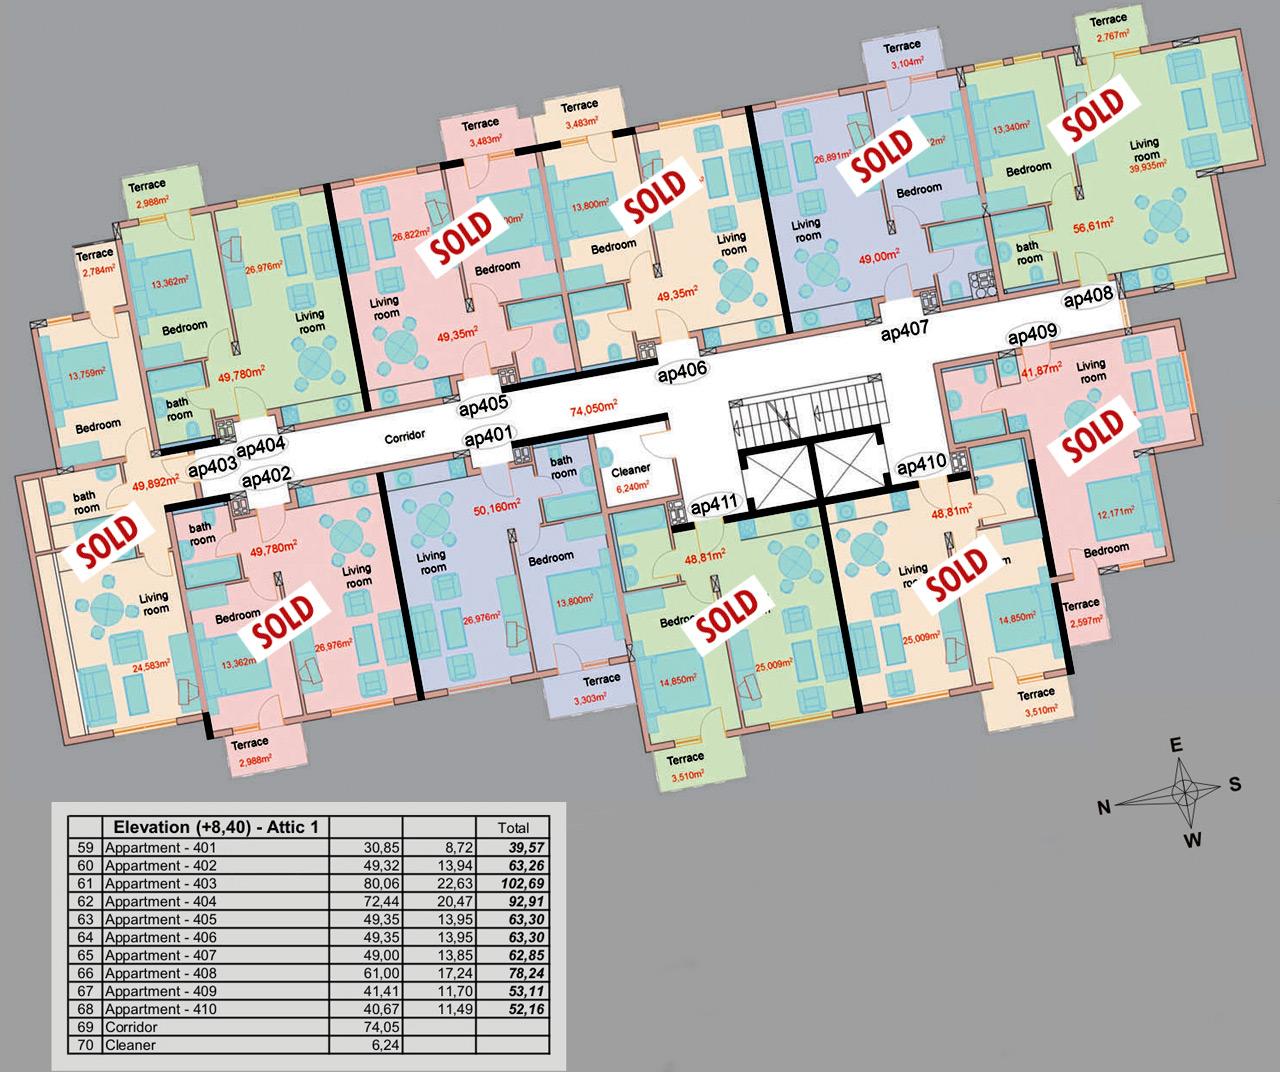 Floor plan - floor 4